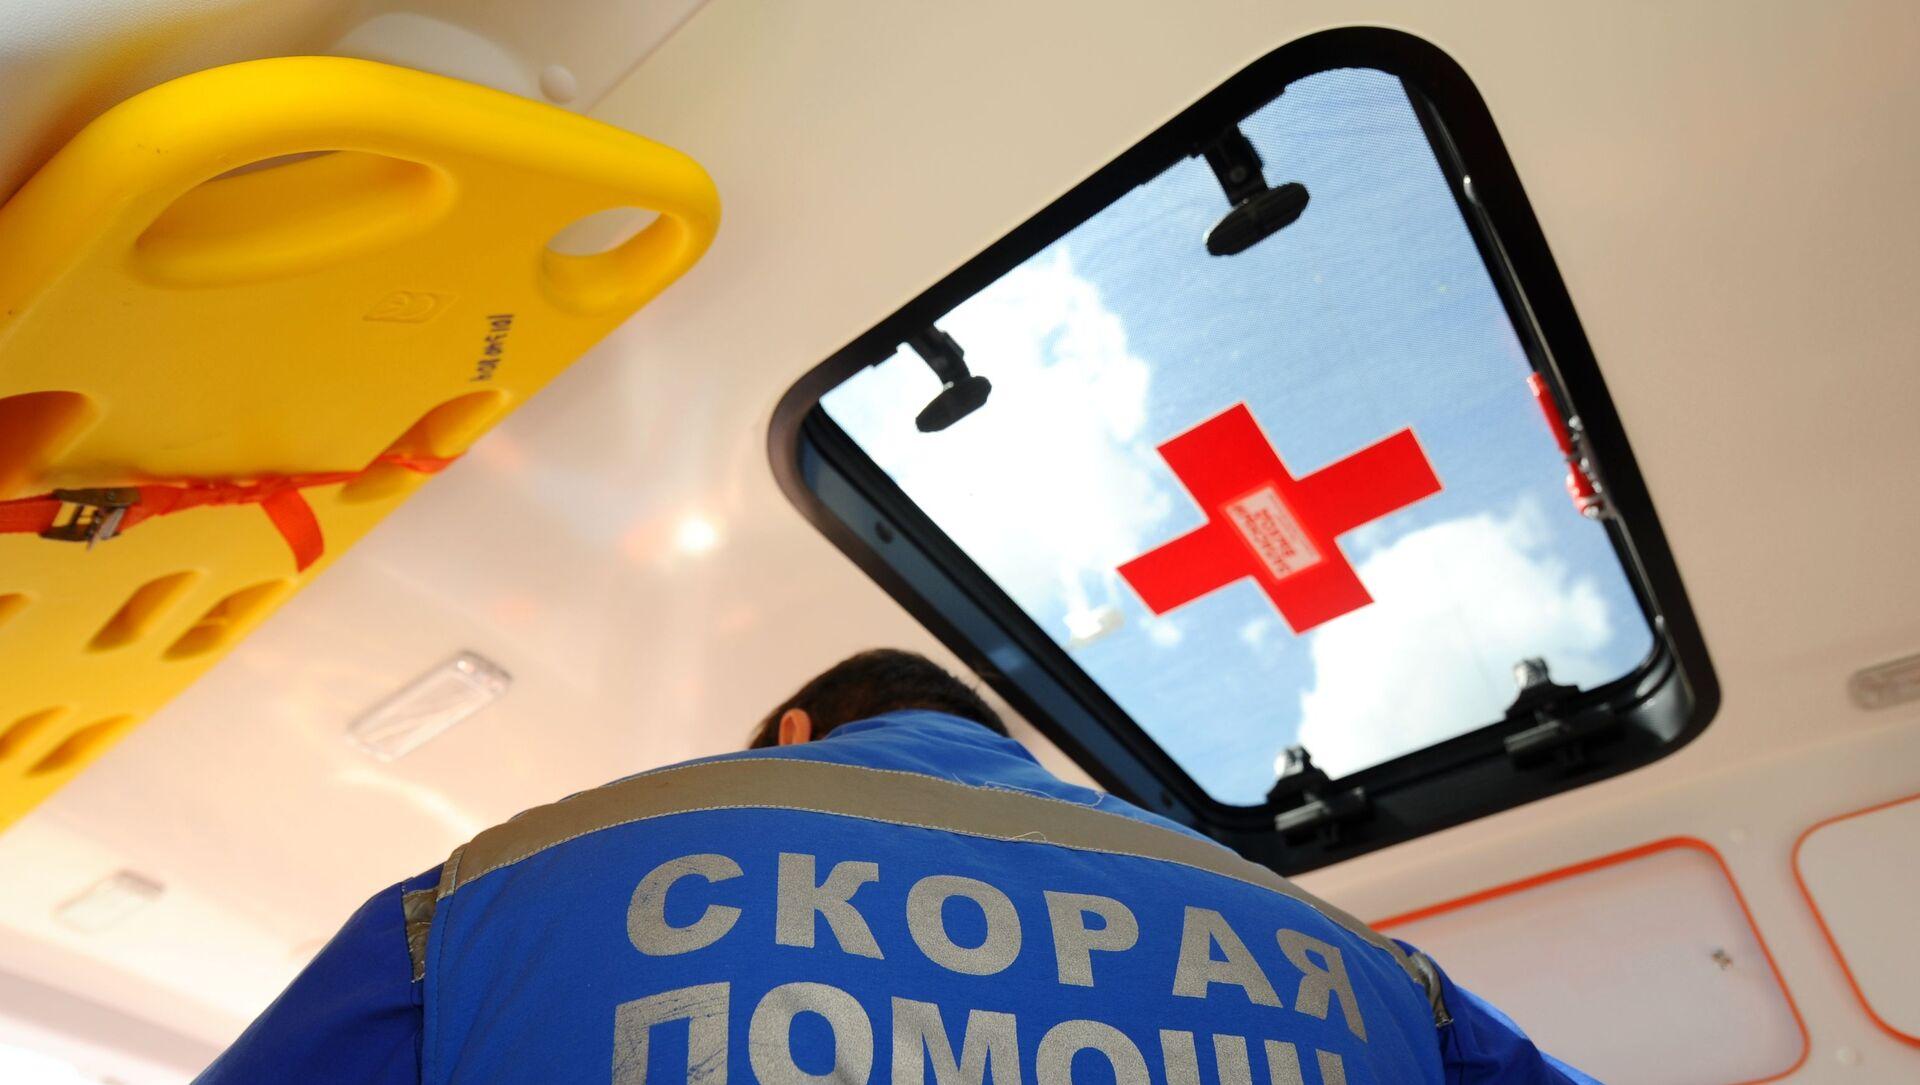 Работа скорой помощи и Центра медицины катастроф в Тамбове - Sputnik Абхазия, 1920, 27.09.2021